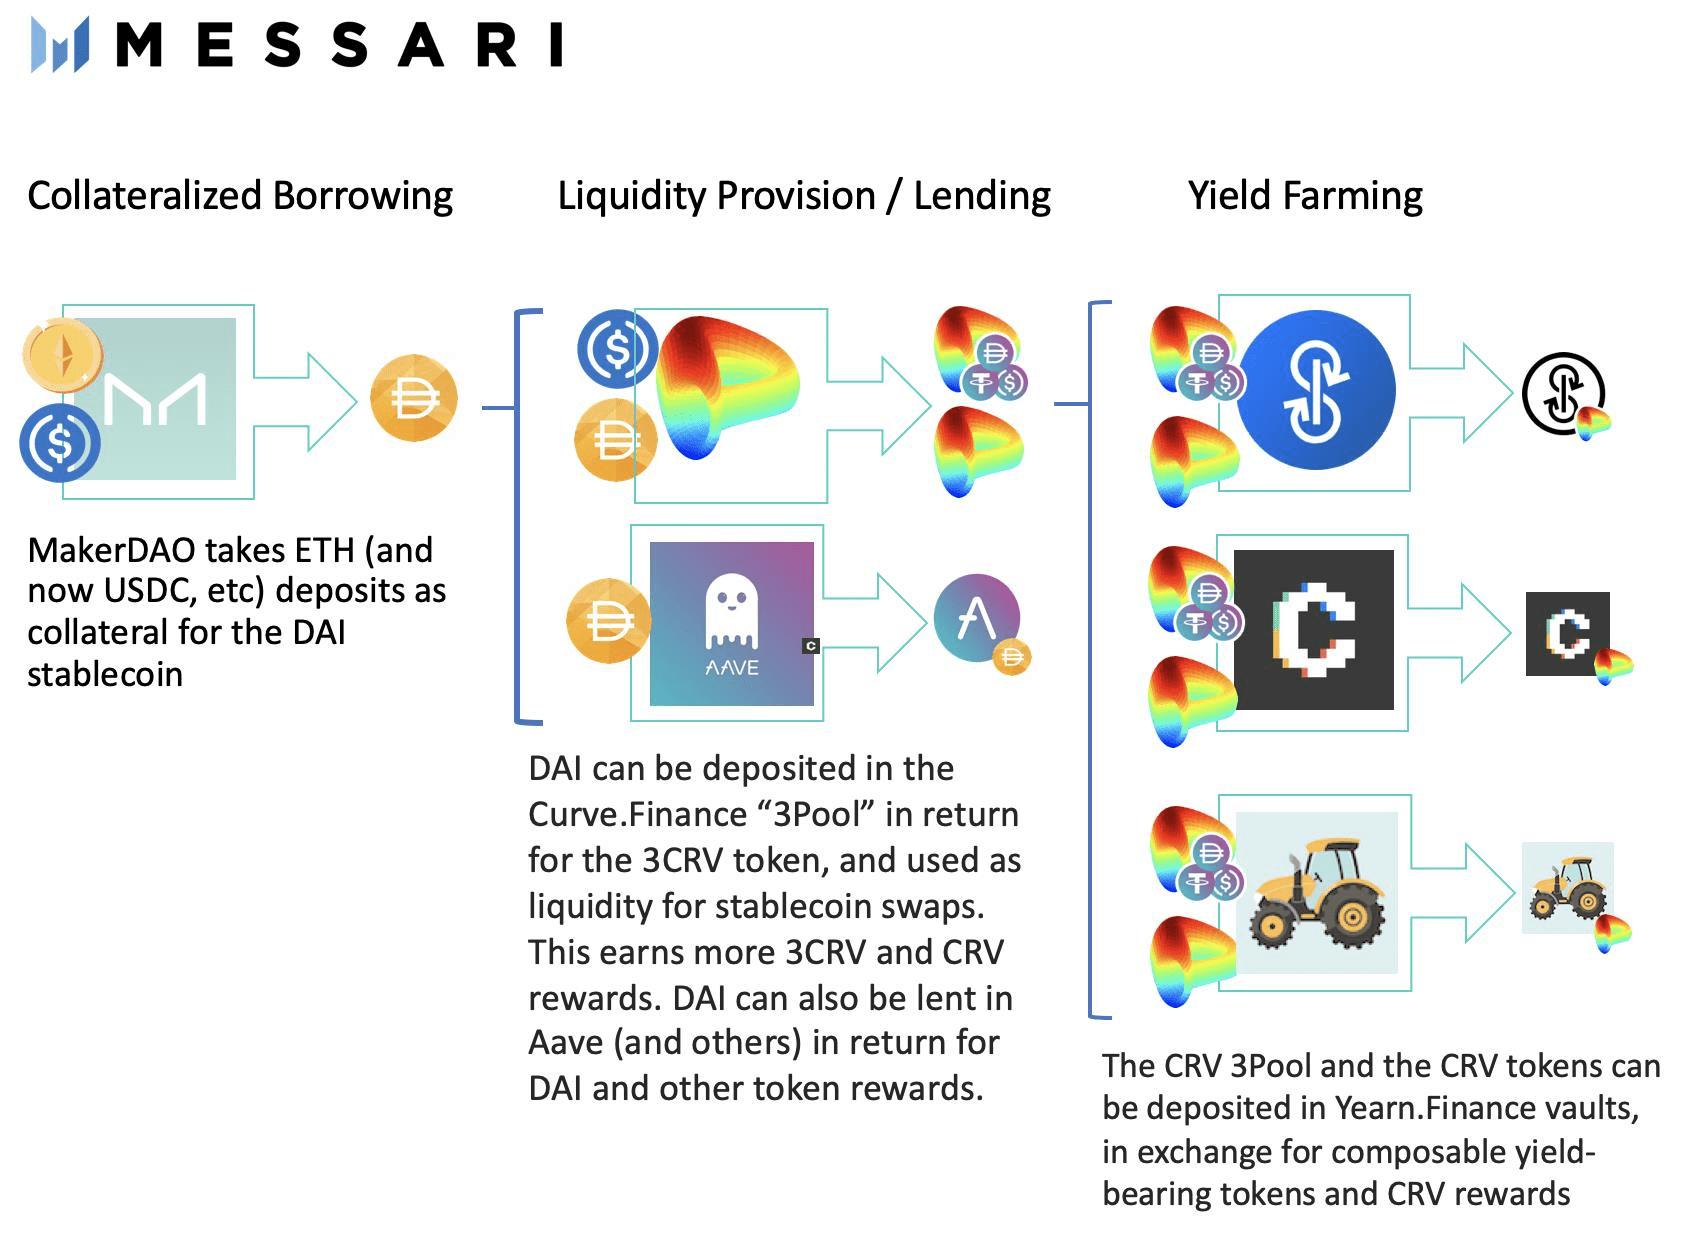 Trading Future Yield - Thế hệ DeFi mới hướng đến các hình thức lợi tức trong TradFi